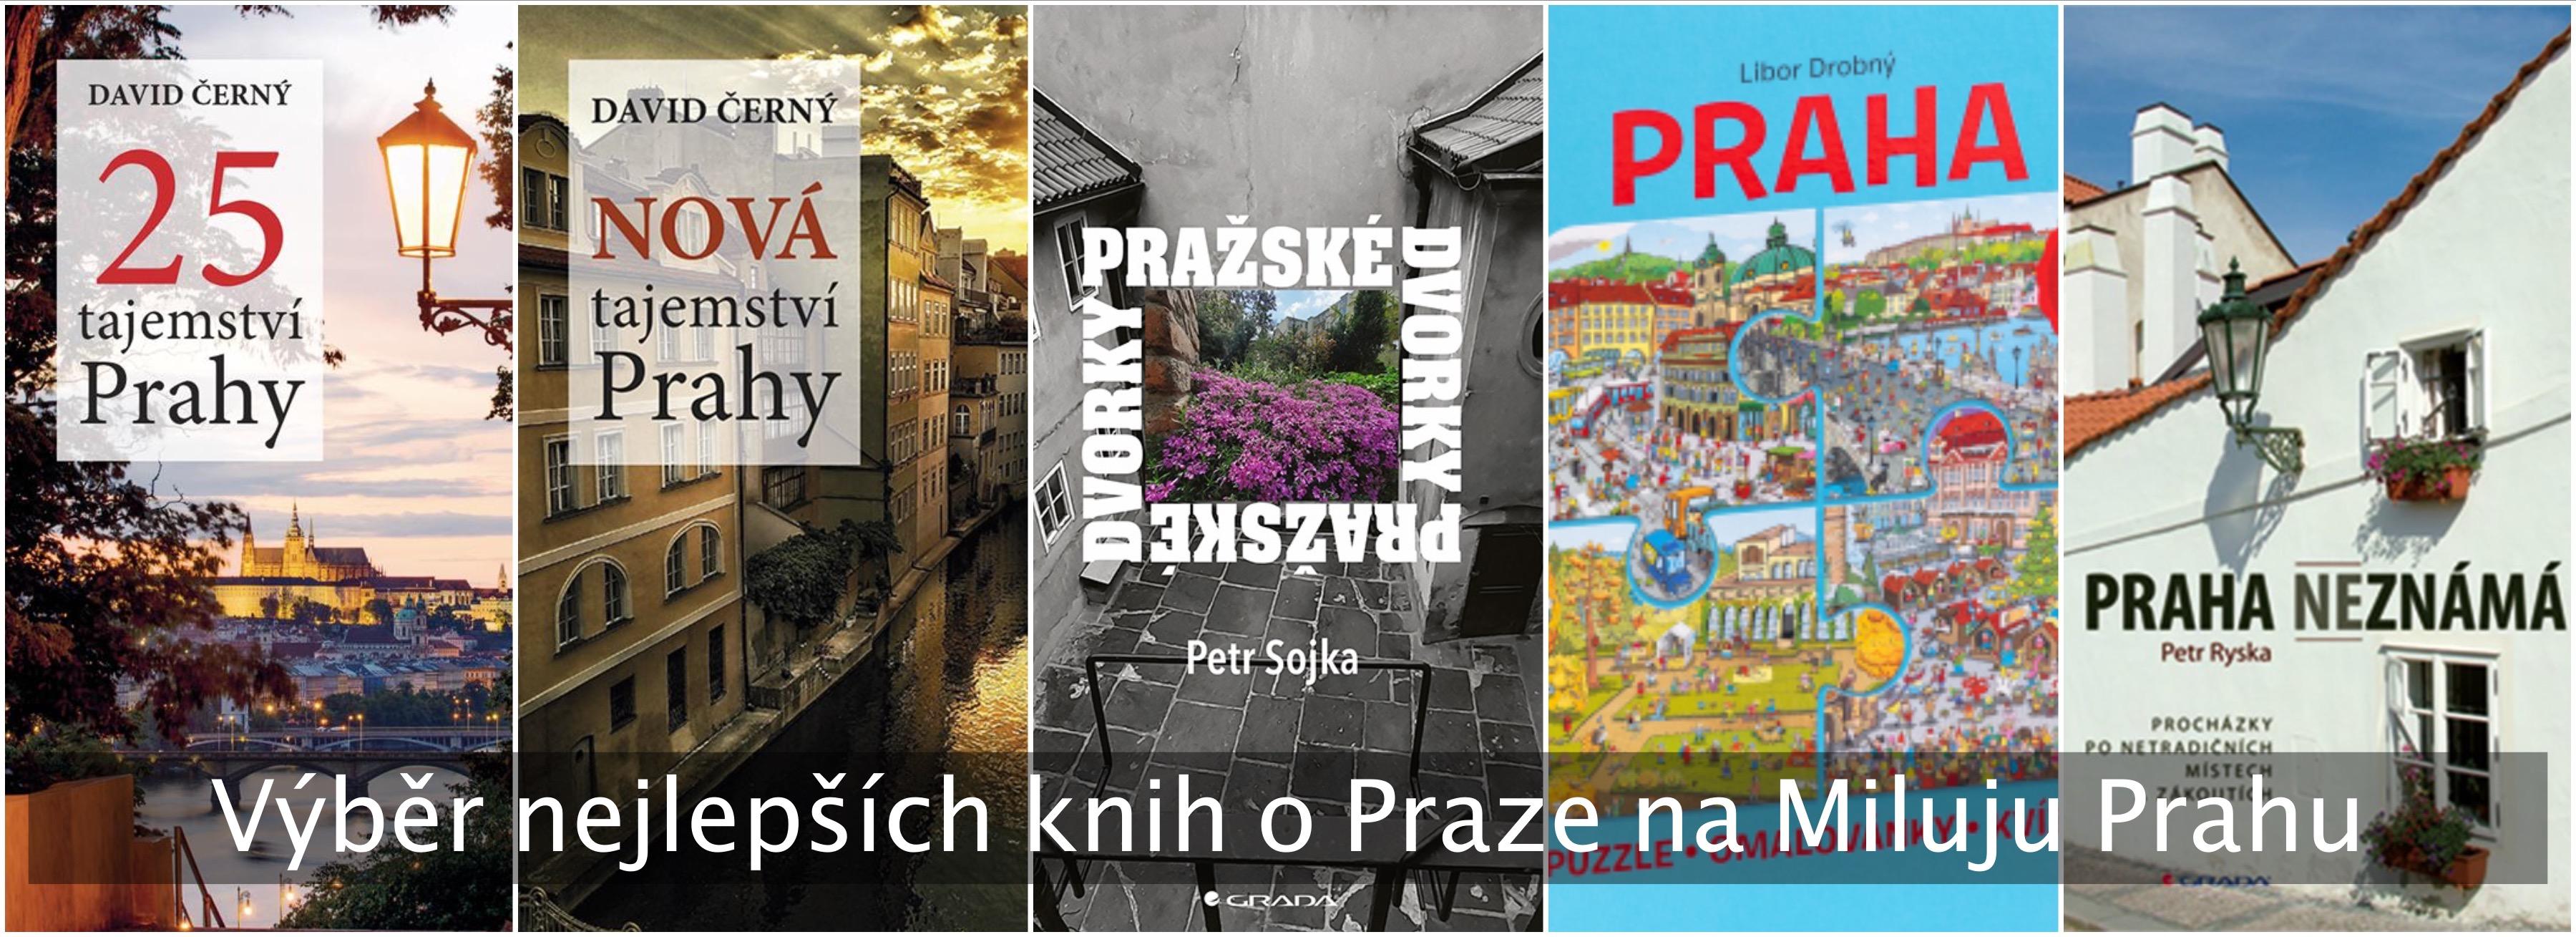 Nejlepší knihy o Praze